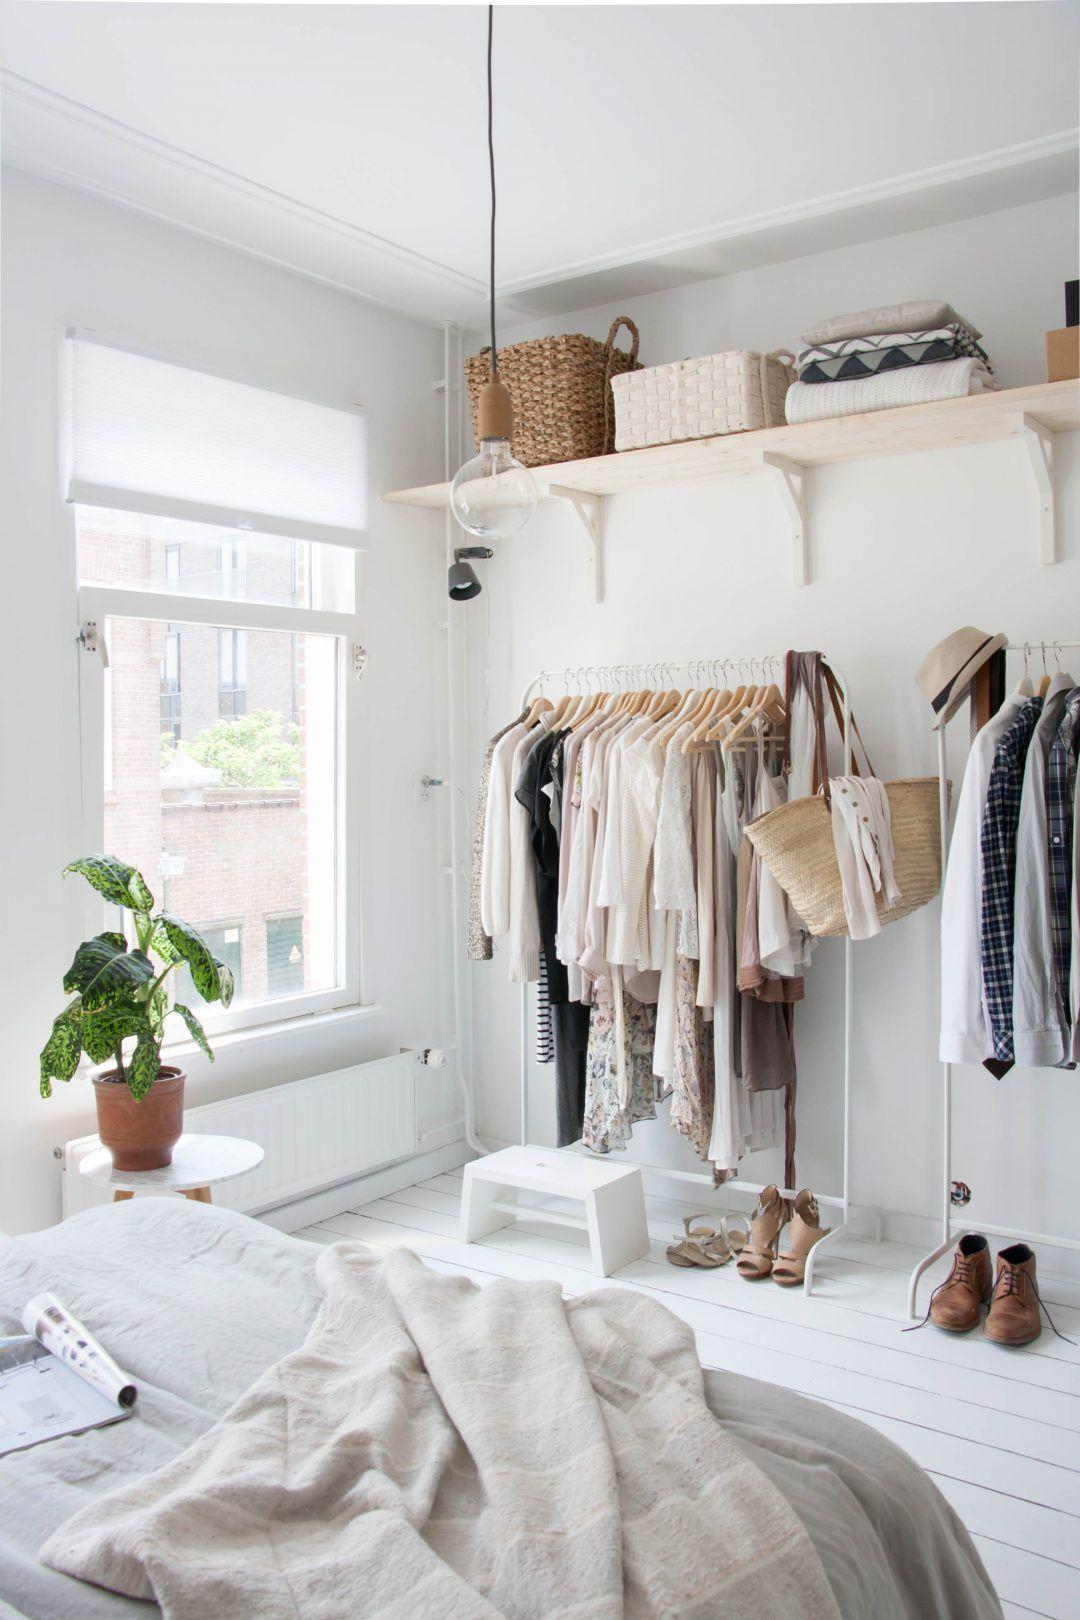 reforma dormitorios estilo nórdico escandinavo diy deco decoración ...